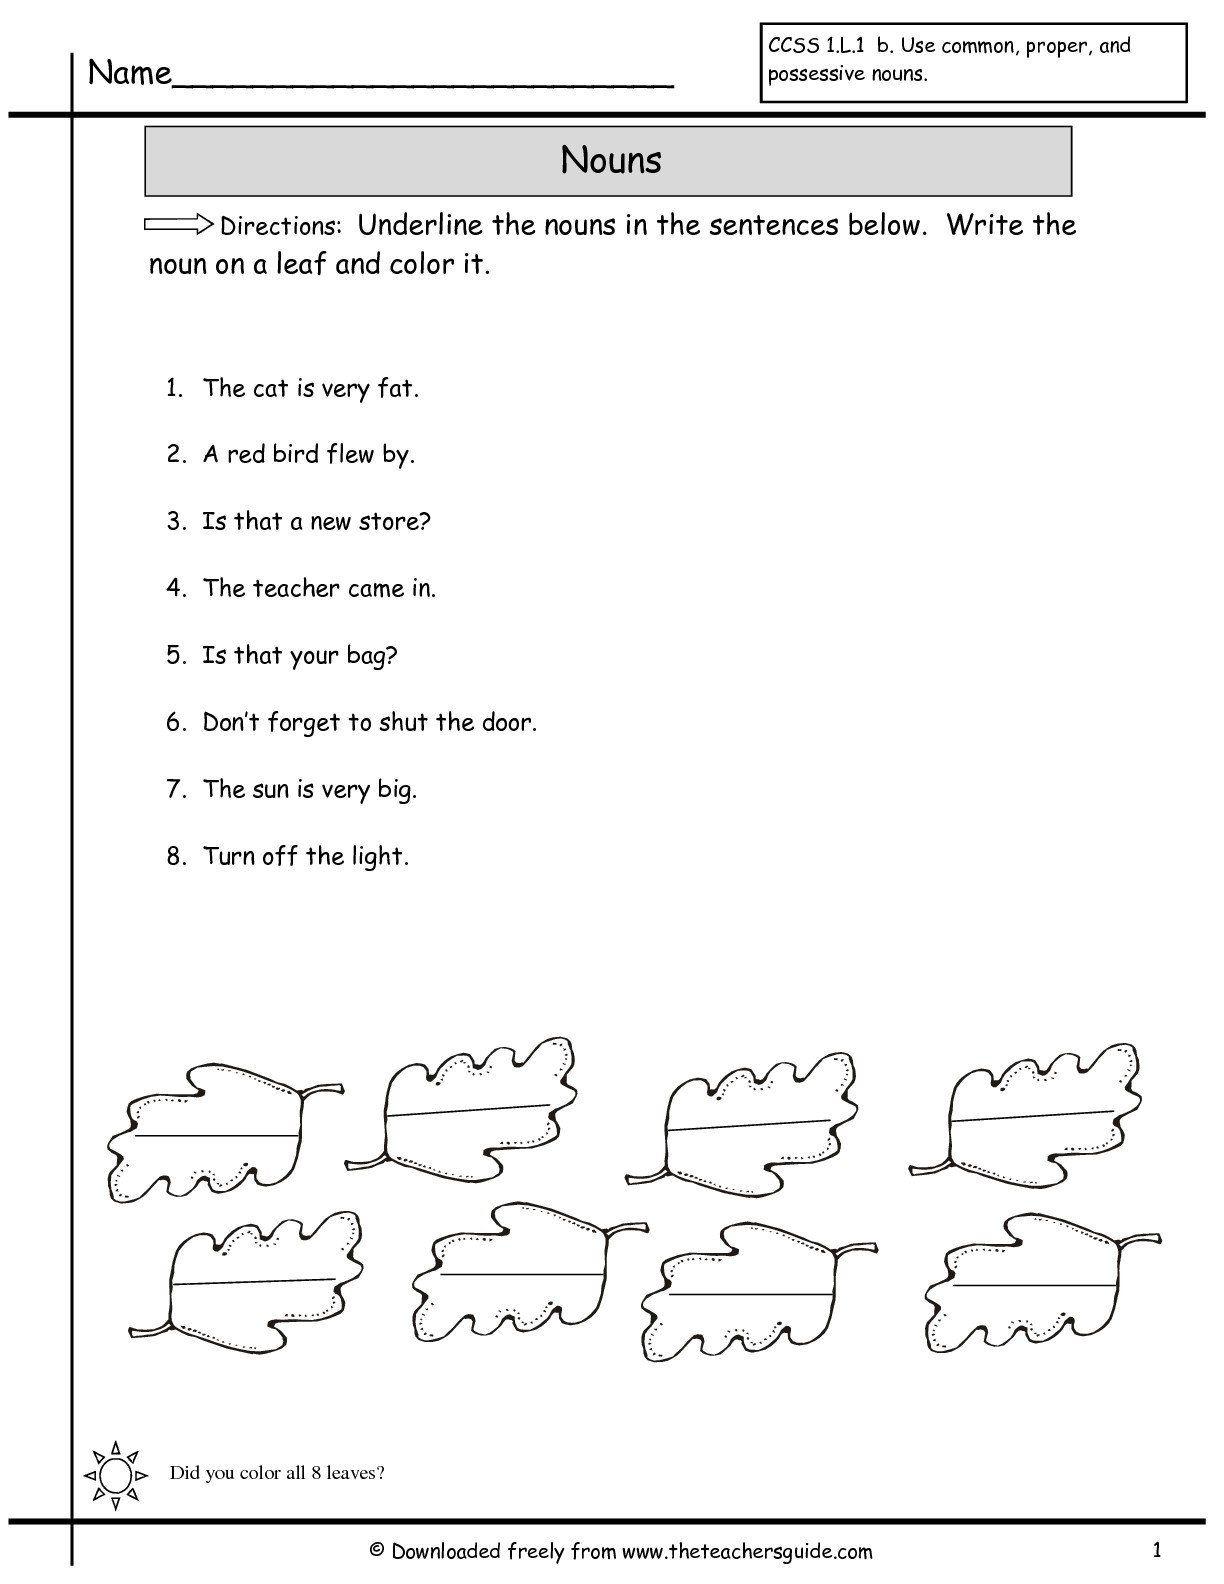 Possessive Nouns Worksheets 3rd Grade Free Pronoun